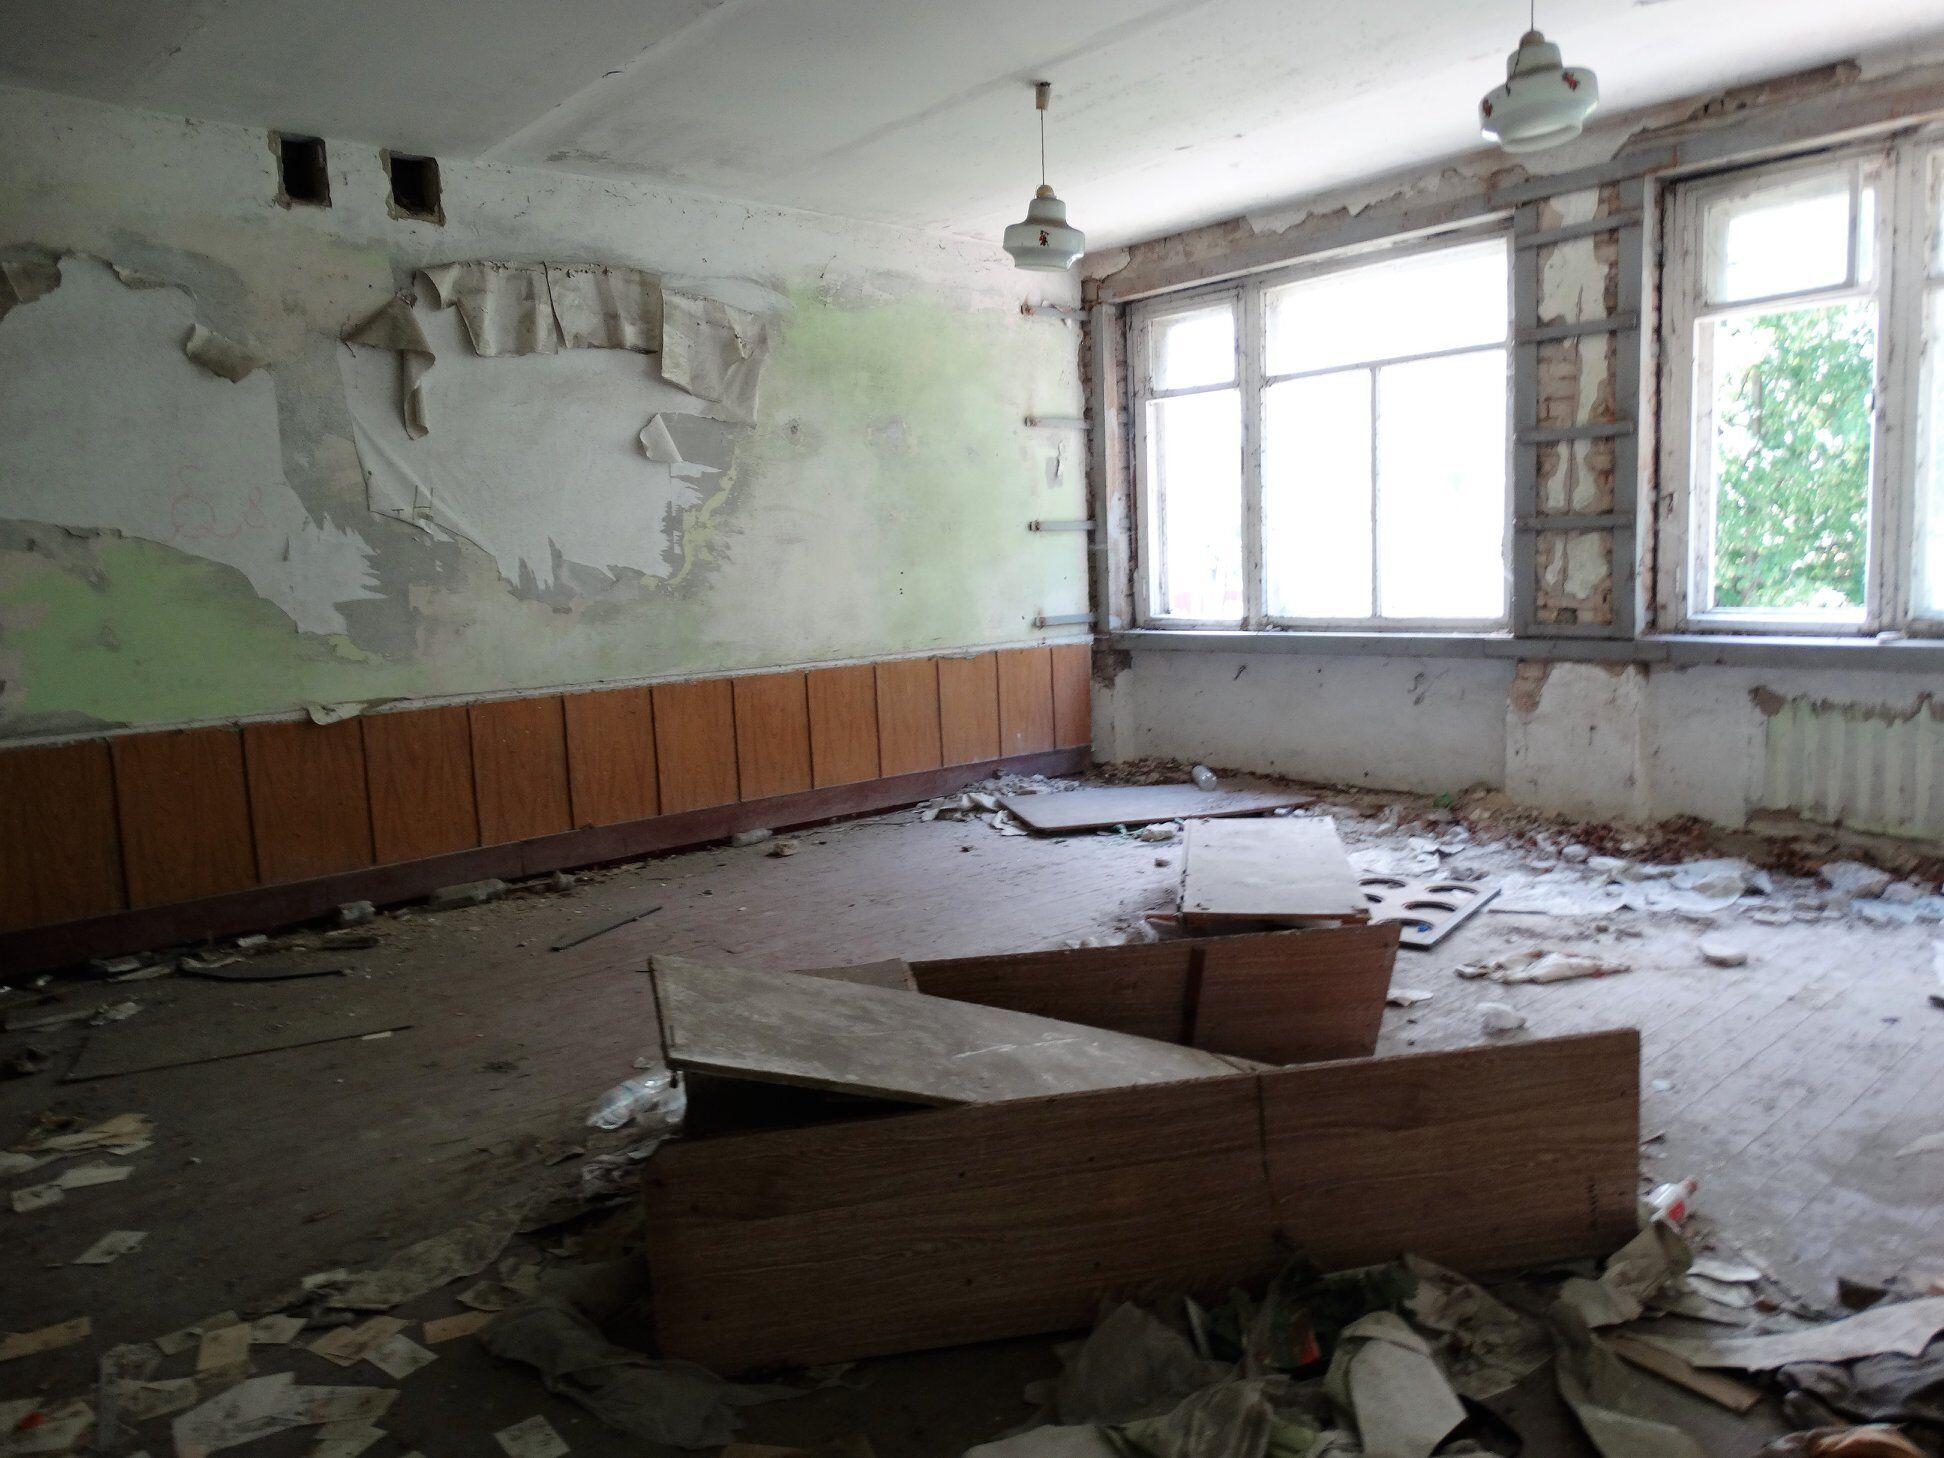 Журналистка показала ужас в известном селе под Киевом